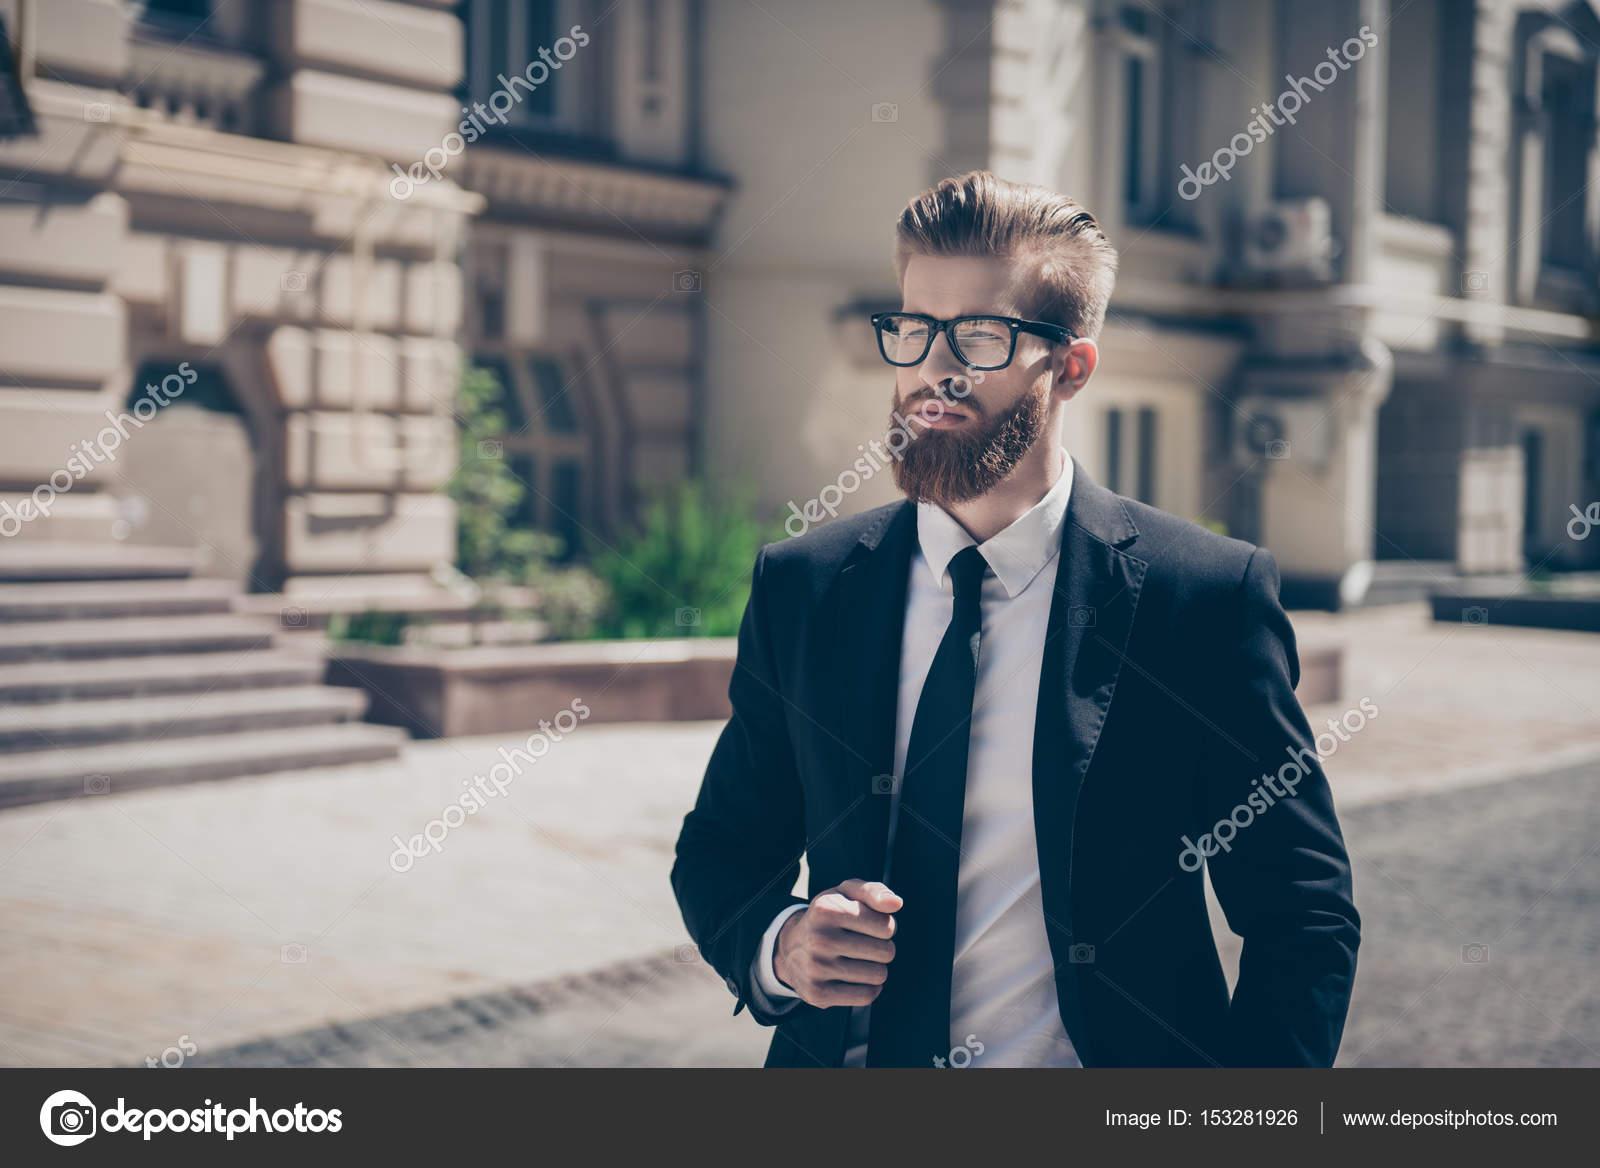 ded73e0b1 Concepto de éxito. Con estilo áspero barbudo hombre en un traje y gafas.  ¡Tan elegante y sorprendente! Al aire libre en un día soleado — Foto de ...